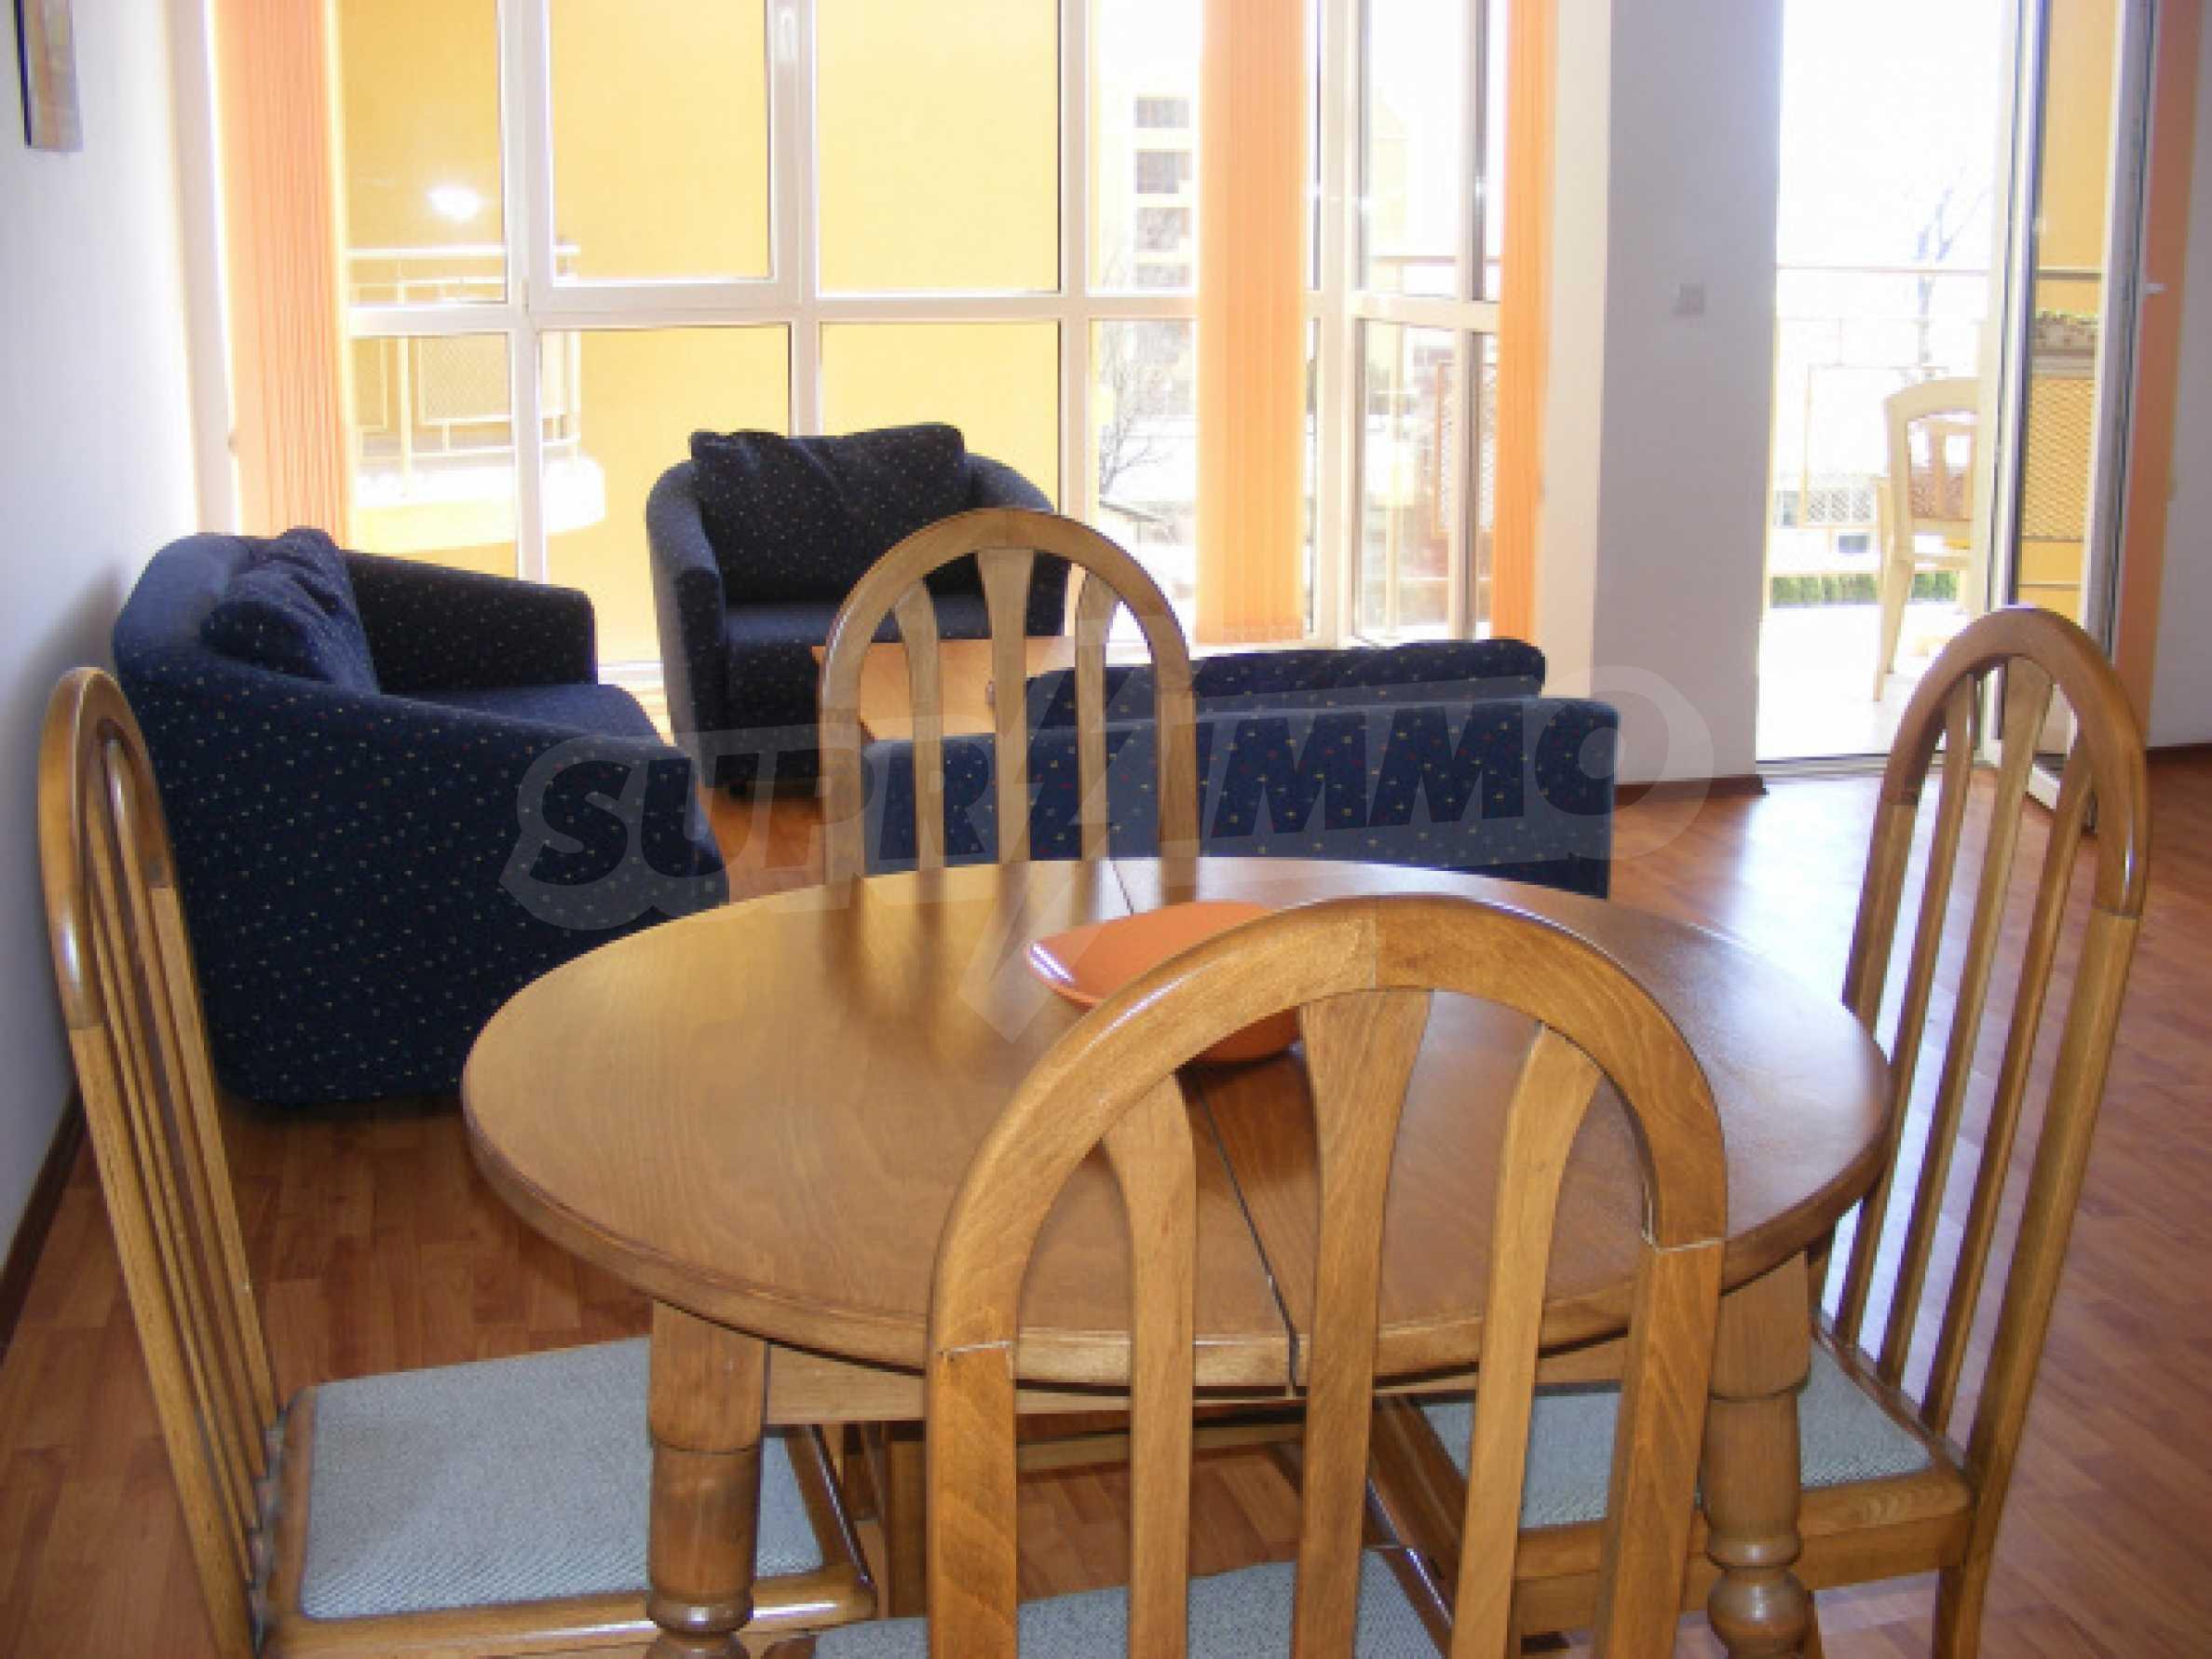 Komplett möbliertes Apartment mit 1 Schlafzimmer in Sunny Beach Goldener Sand, mit Meerblick 6